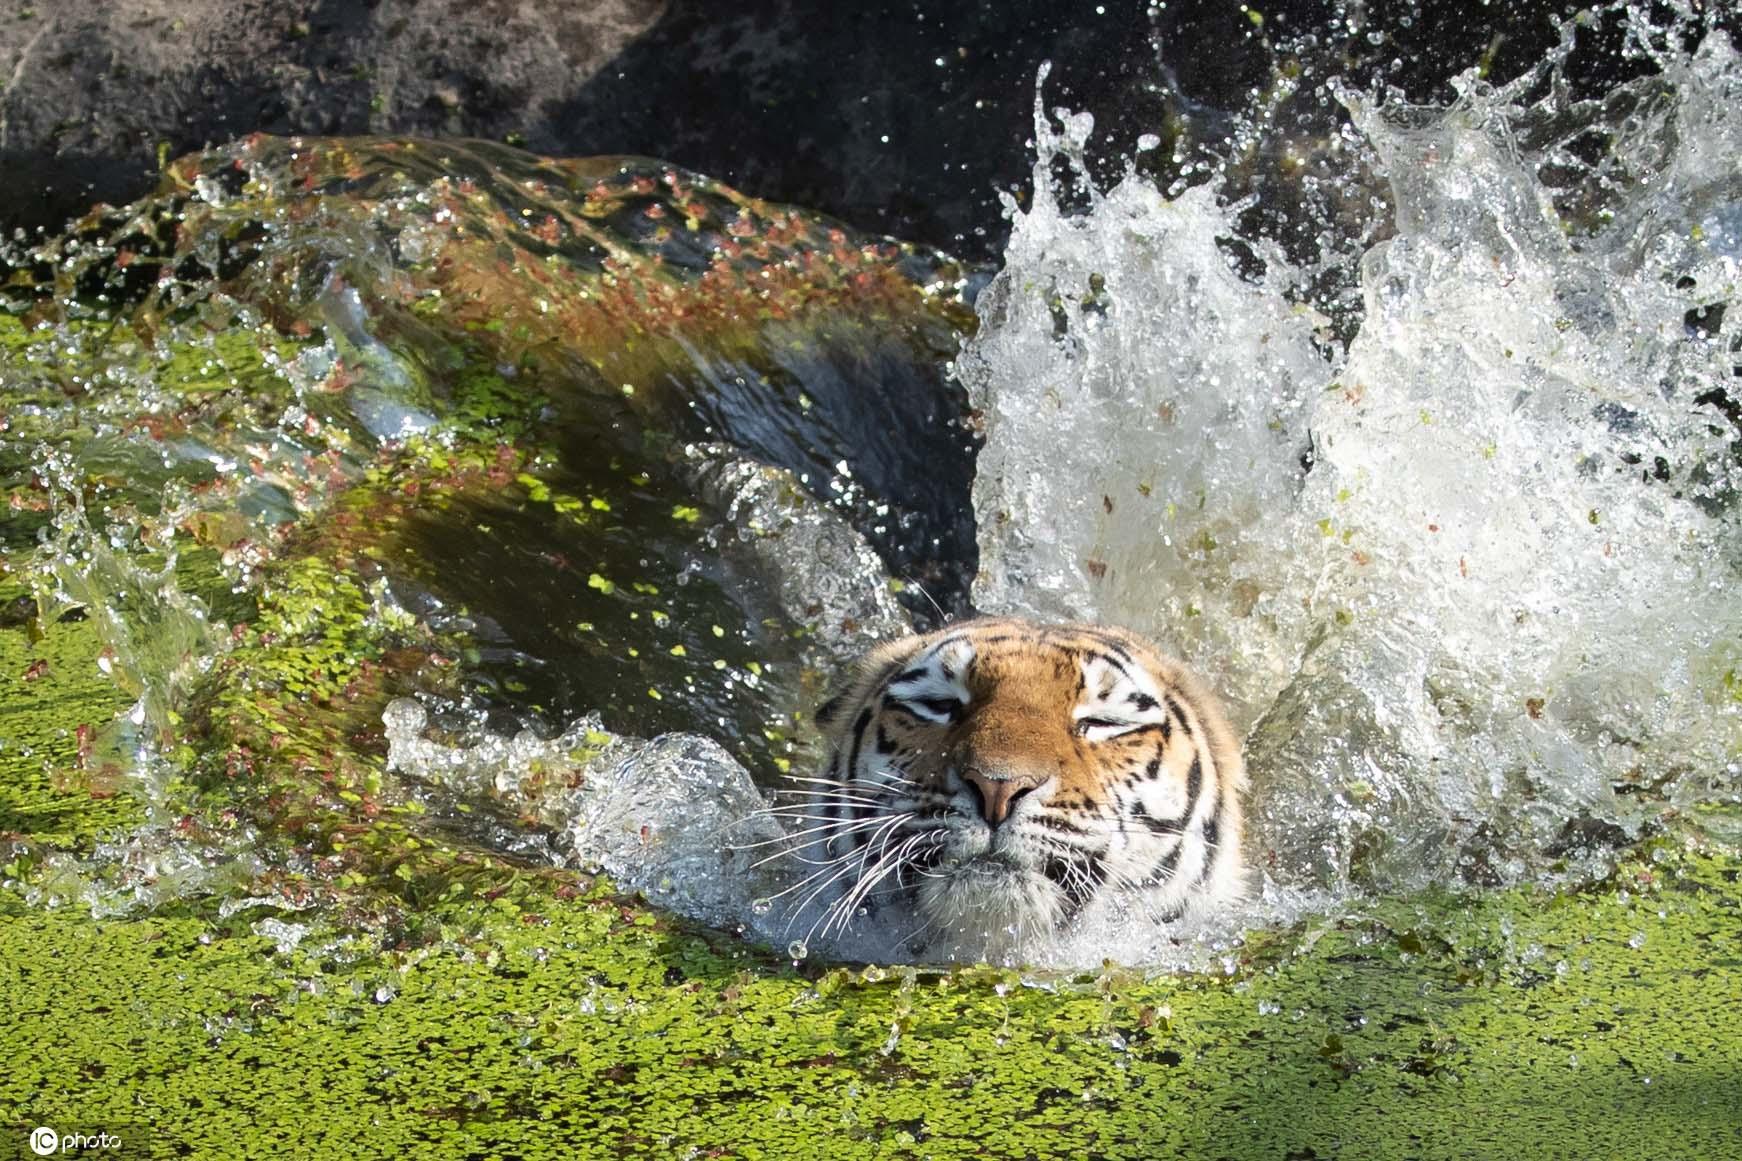 德国夏日炎炎?西伯利亚虎跳水取冰食物降温